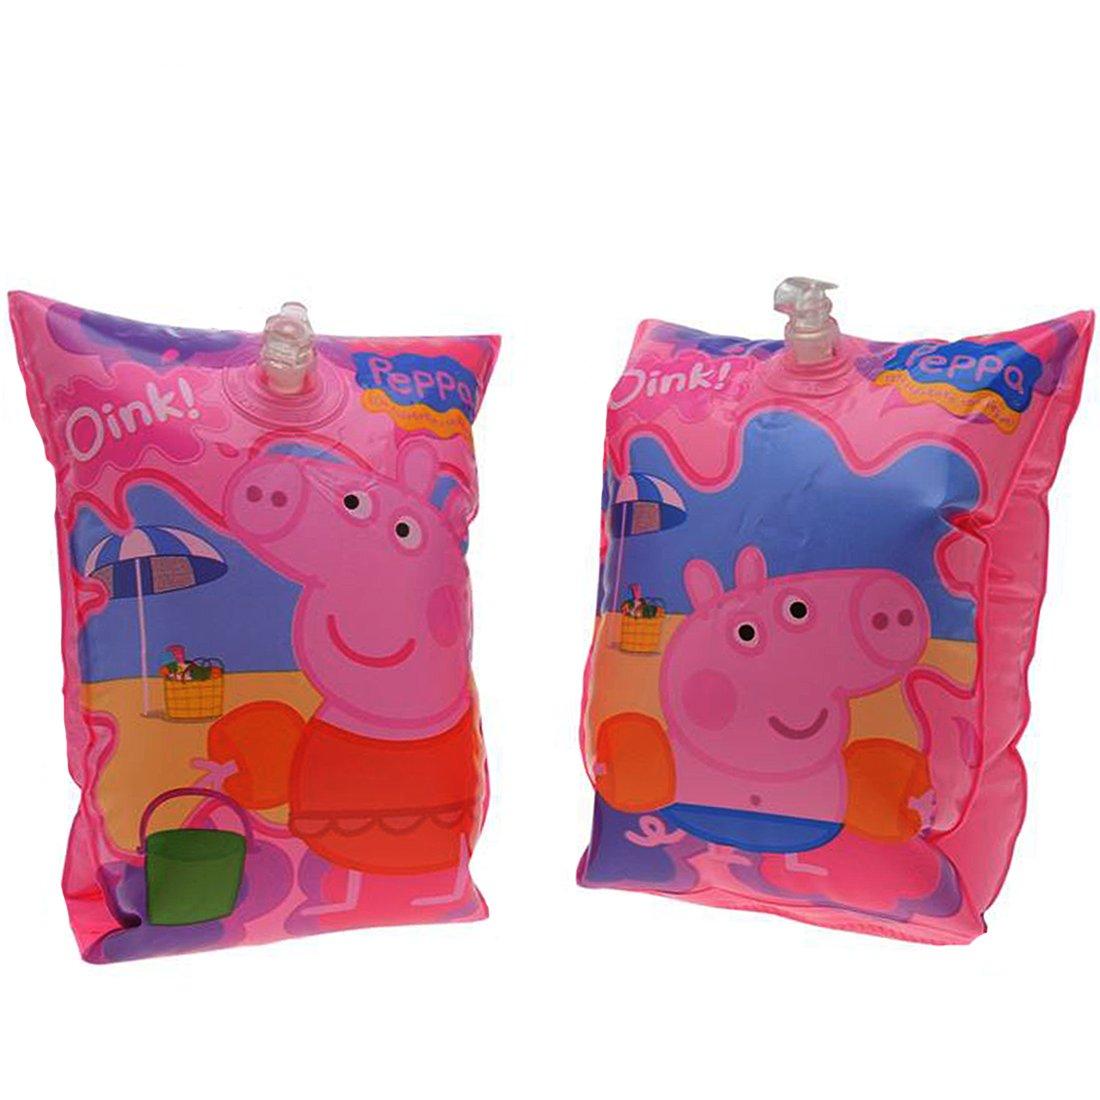 Peppa Pig inflable brazaletes alta calidad cumple estándares británicos infantil niños Bebés Niños Niñas natación flotadores de ayuda: Amazon.es: Deportes y ...